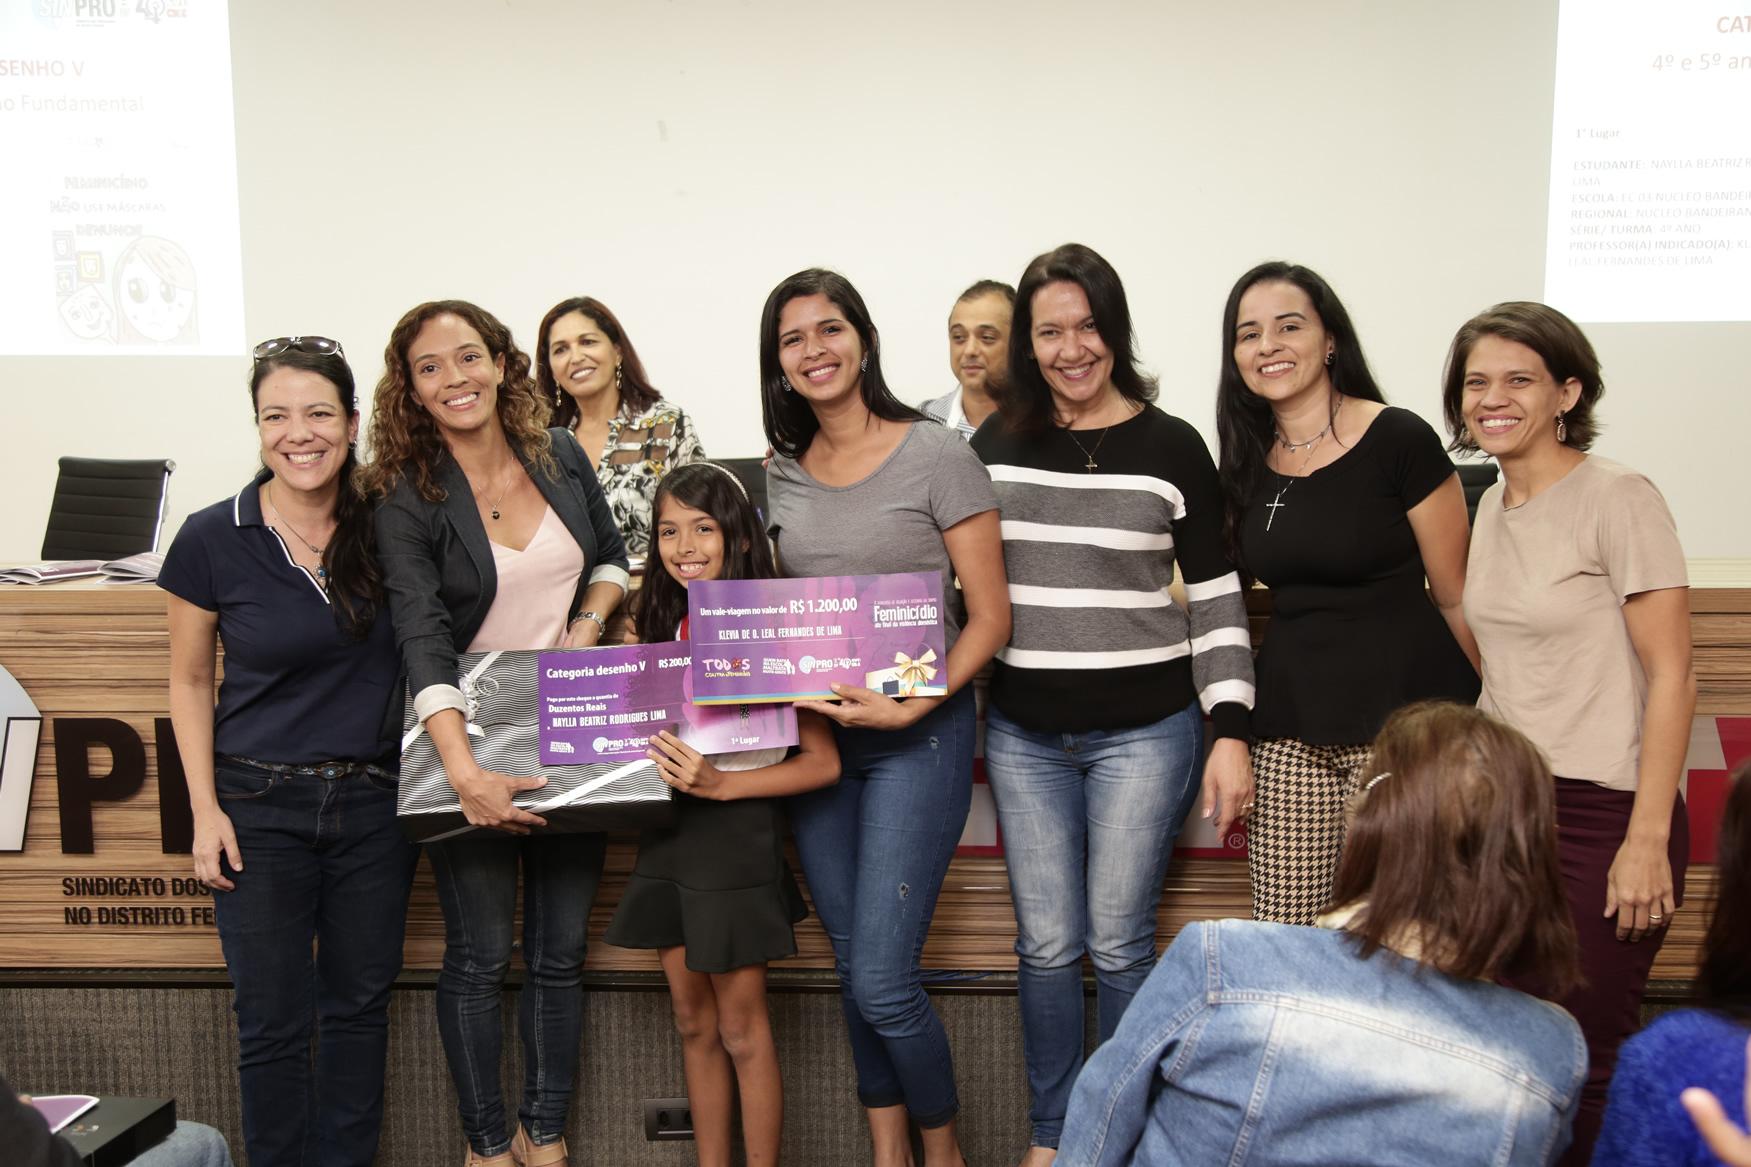 2019.05.19-Premiacao-do-X-Concurso-de-Redacao-do-Sinpro-DF_fotos-ECOM-107